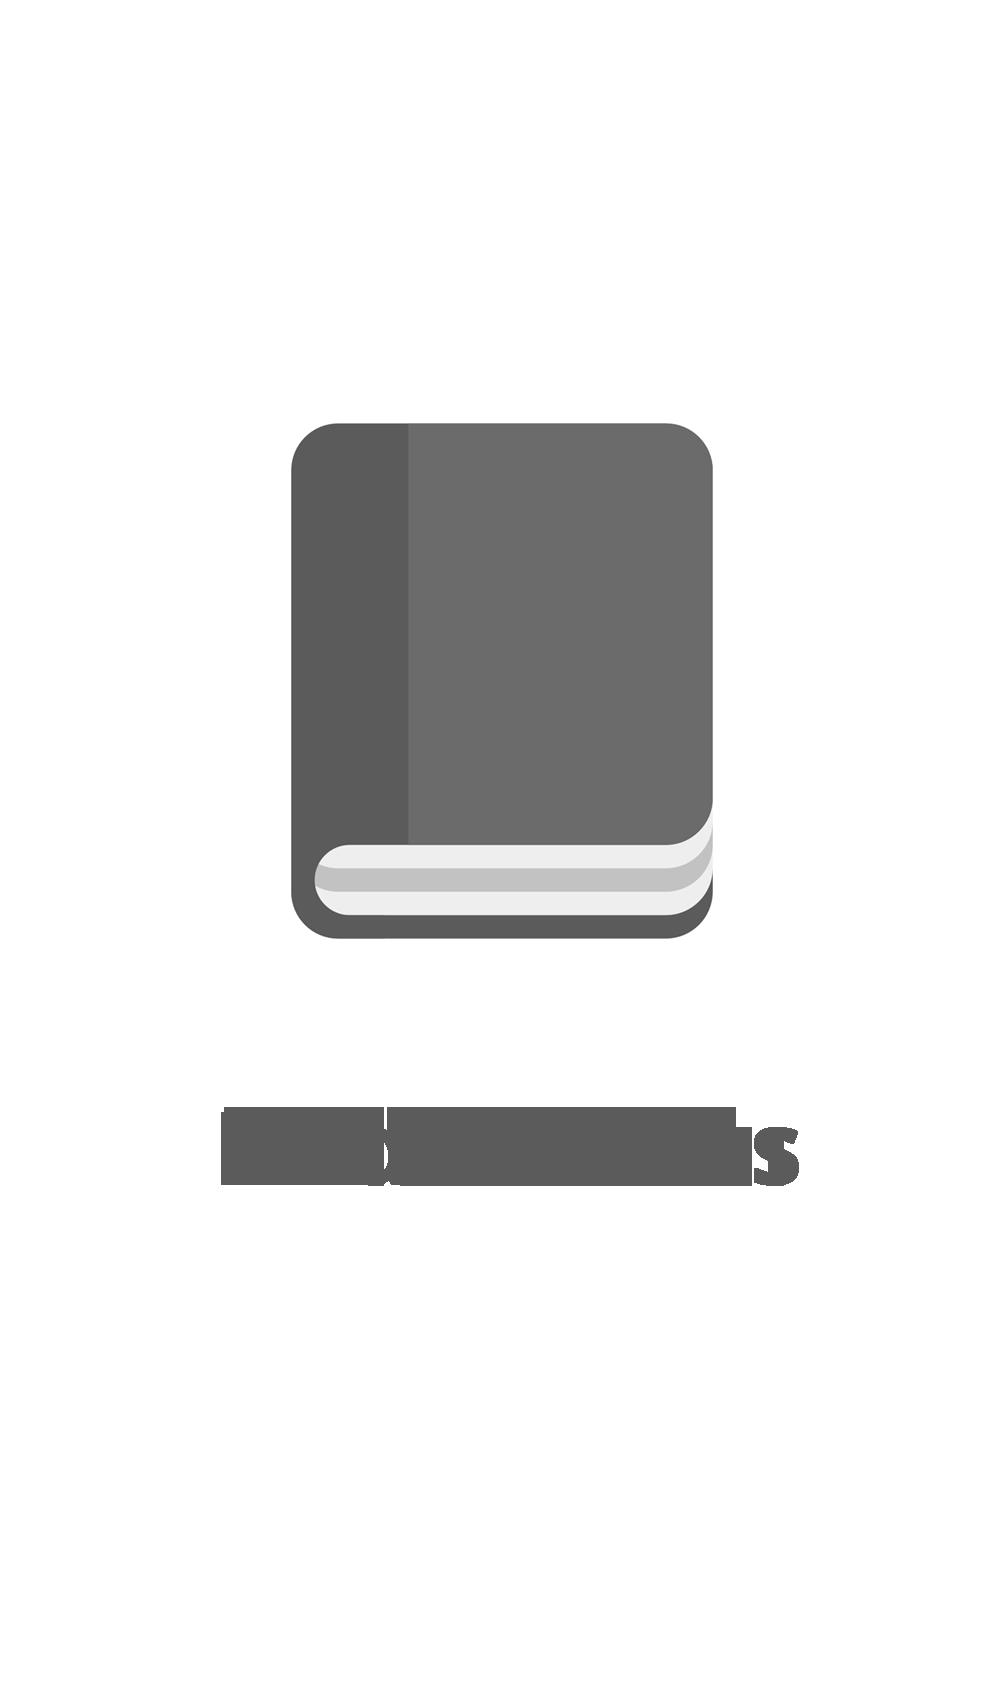 Kostnadsansvar för smittskyddsläkemedel. DS 2015:20